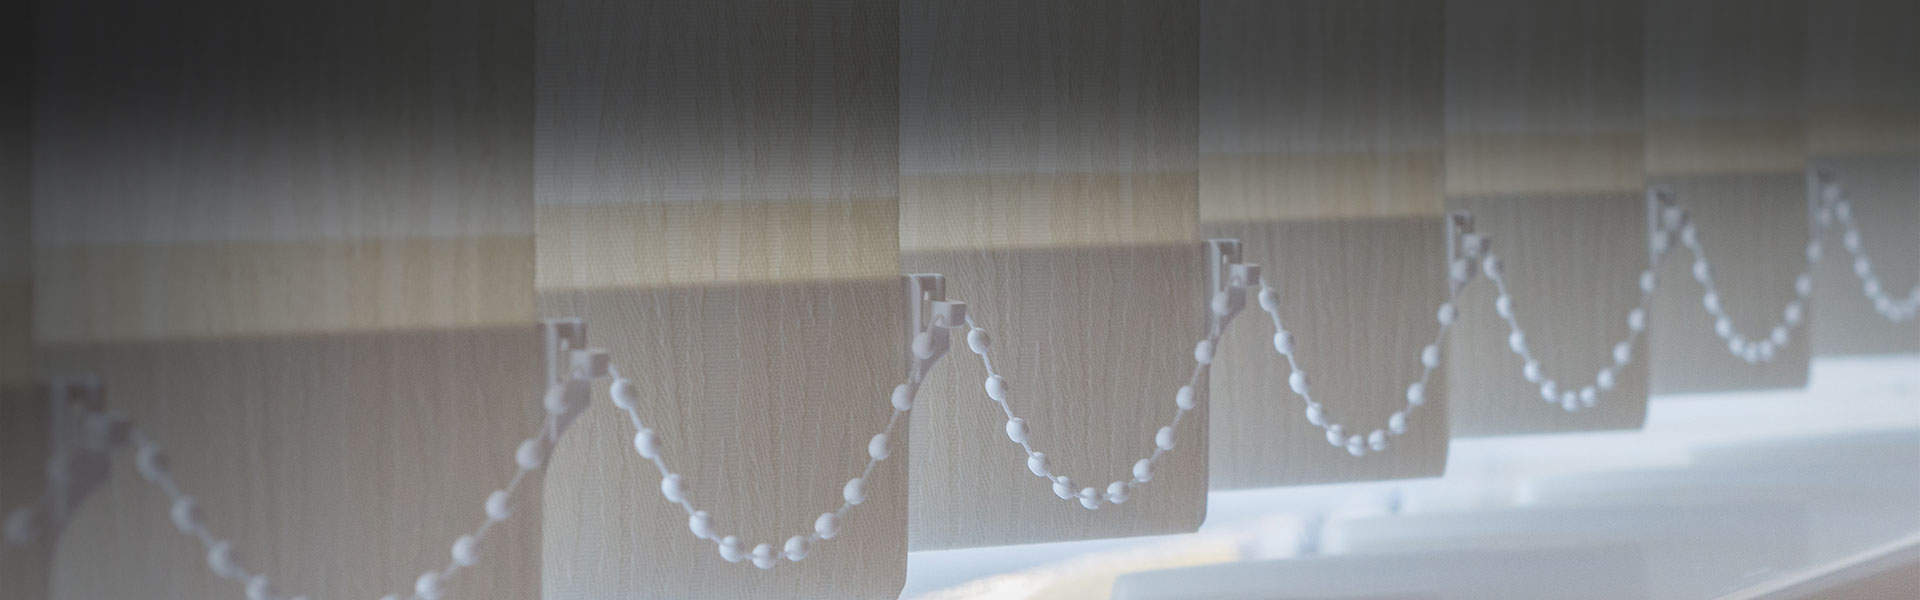 Vertikální žaluzie LUX - Kovo Stín